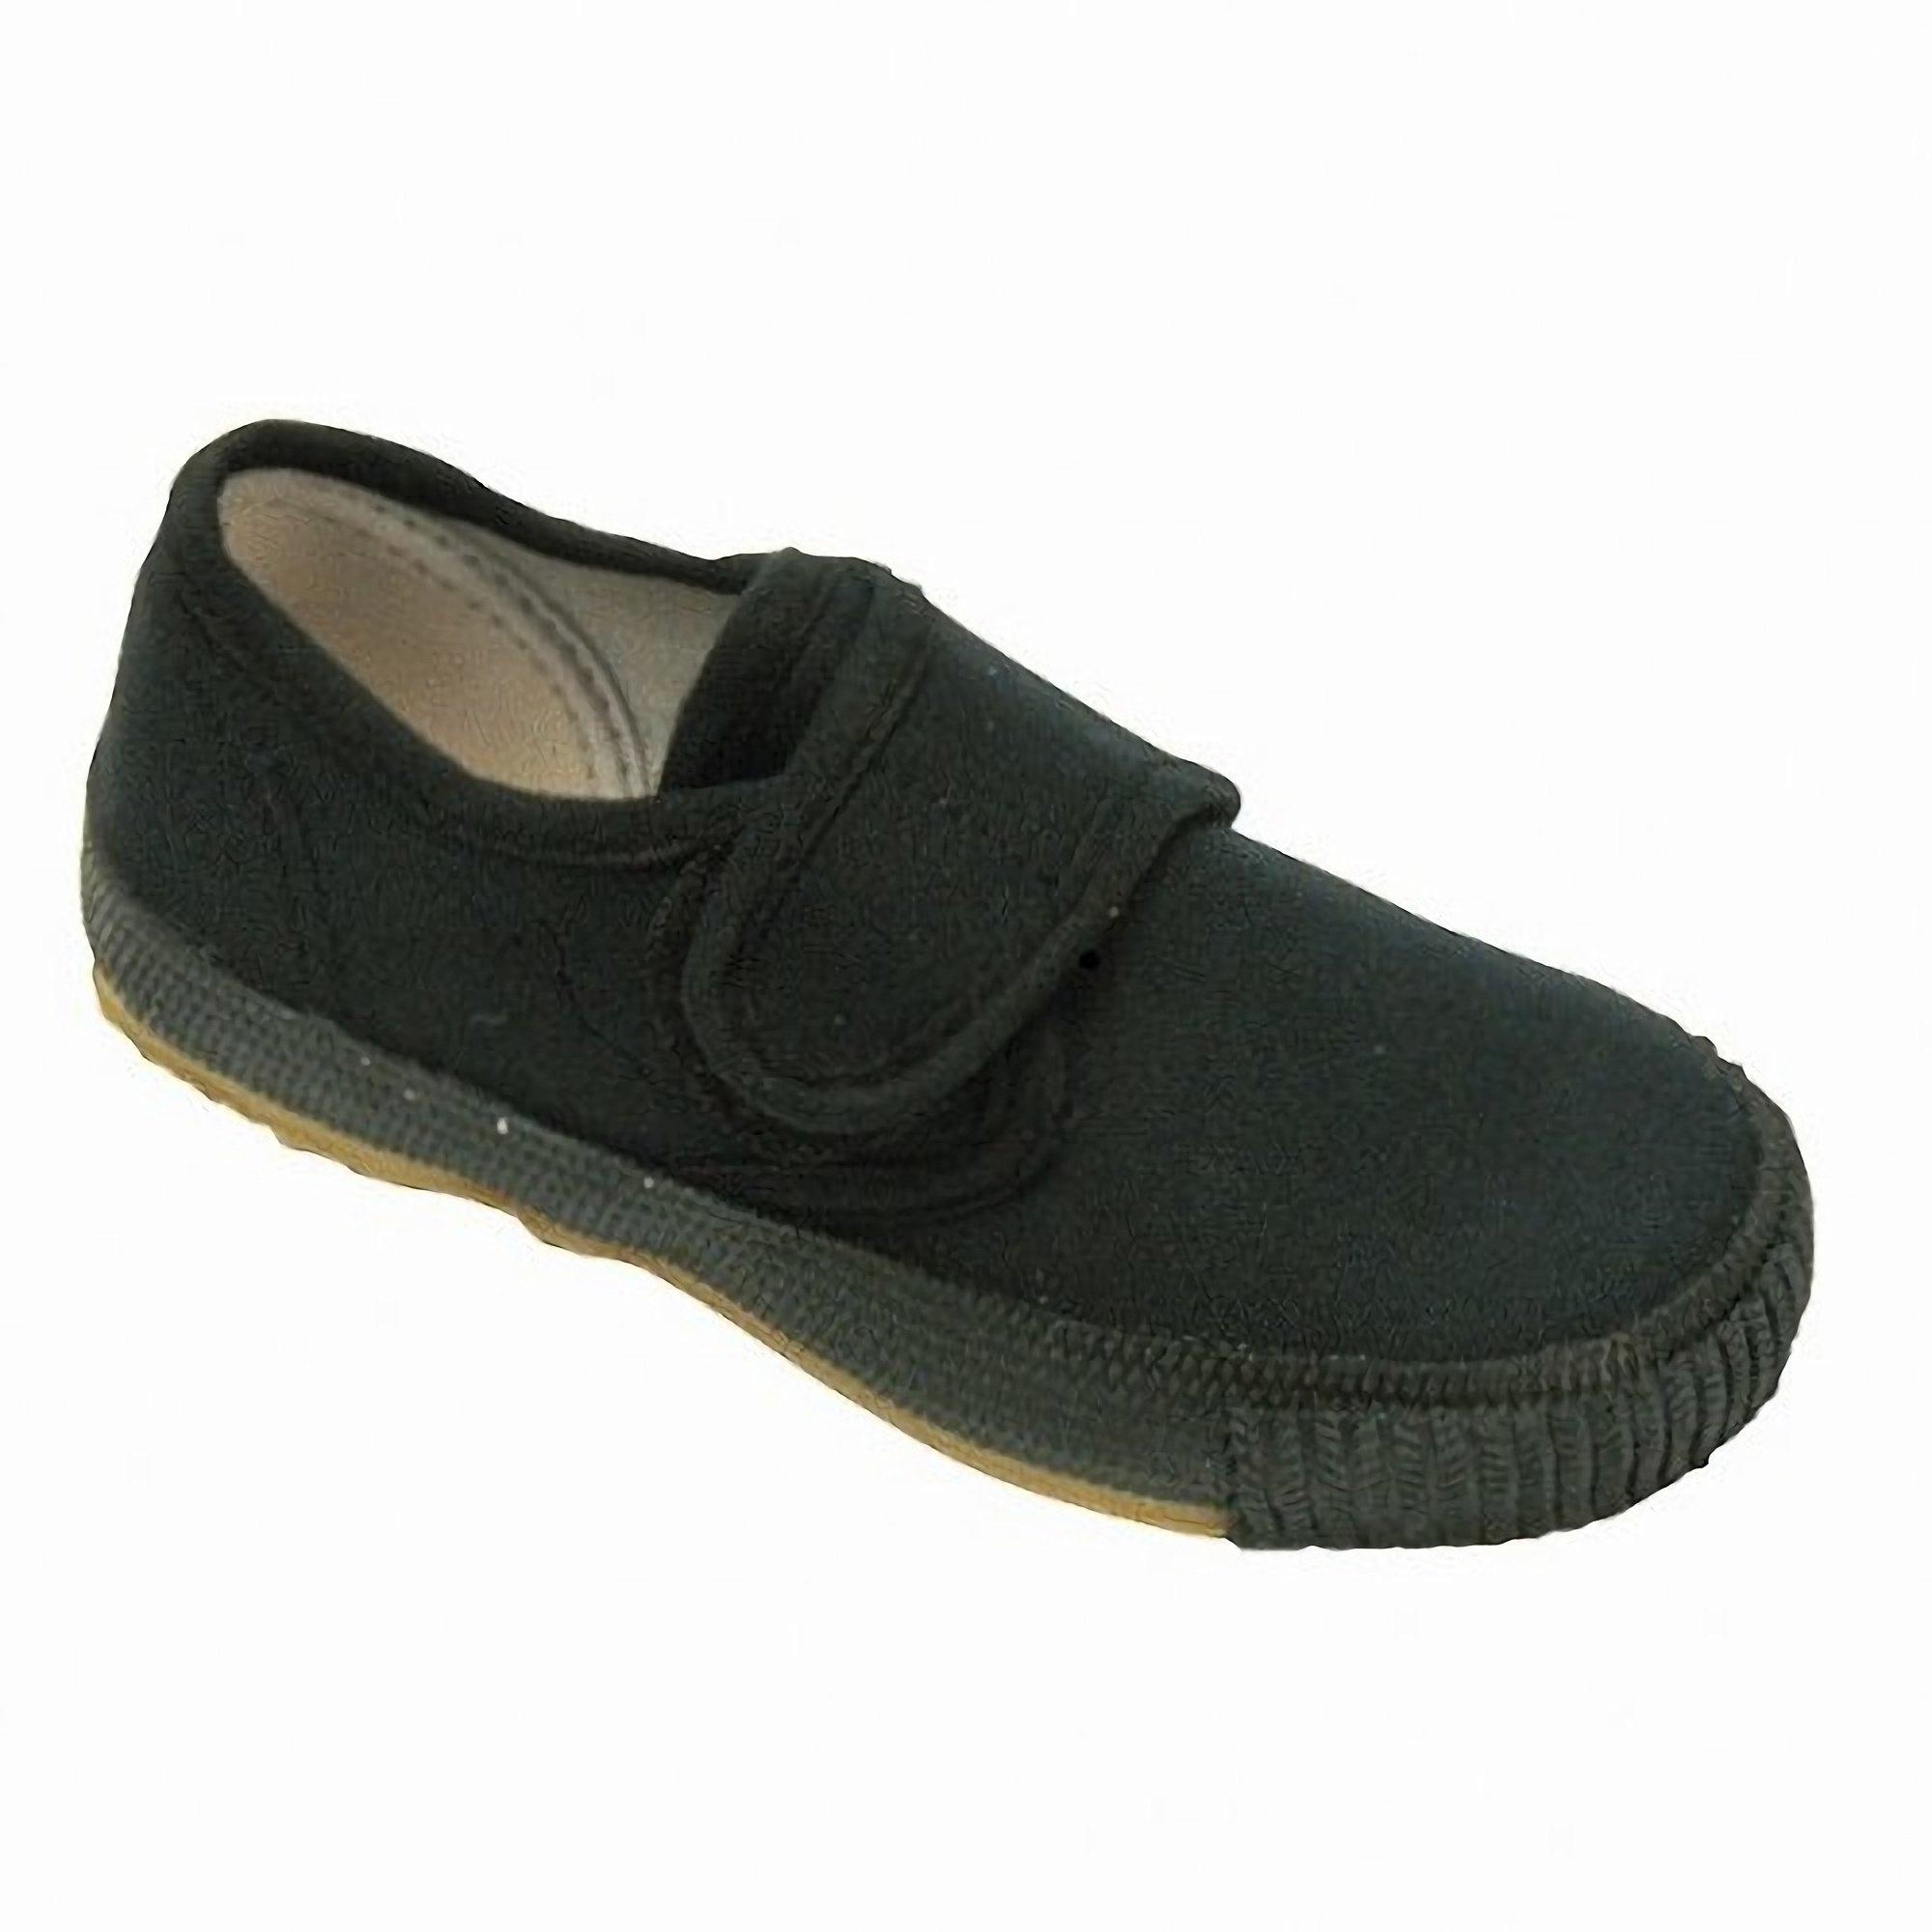 Mirak CSG/99248 Little Boys Plimsolls/Trainers/Gym Shoes (11 US Junior) (Black)